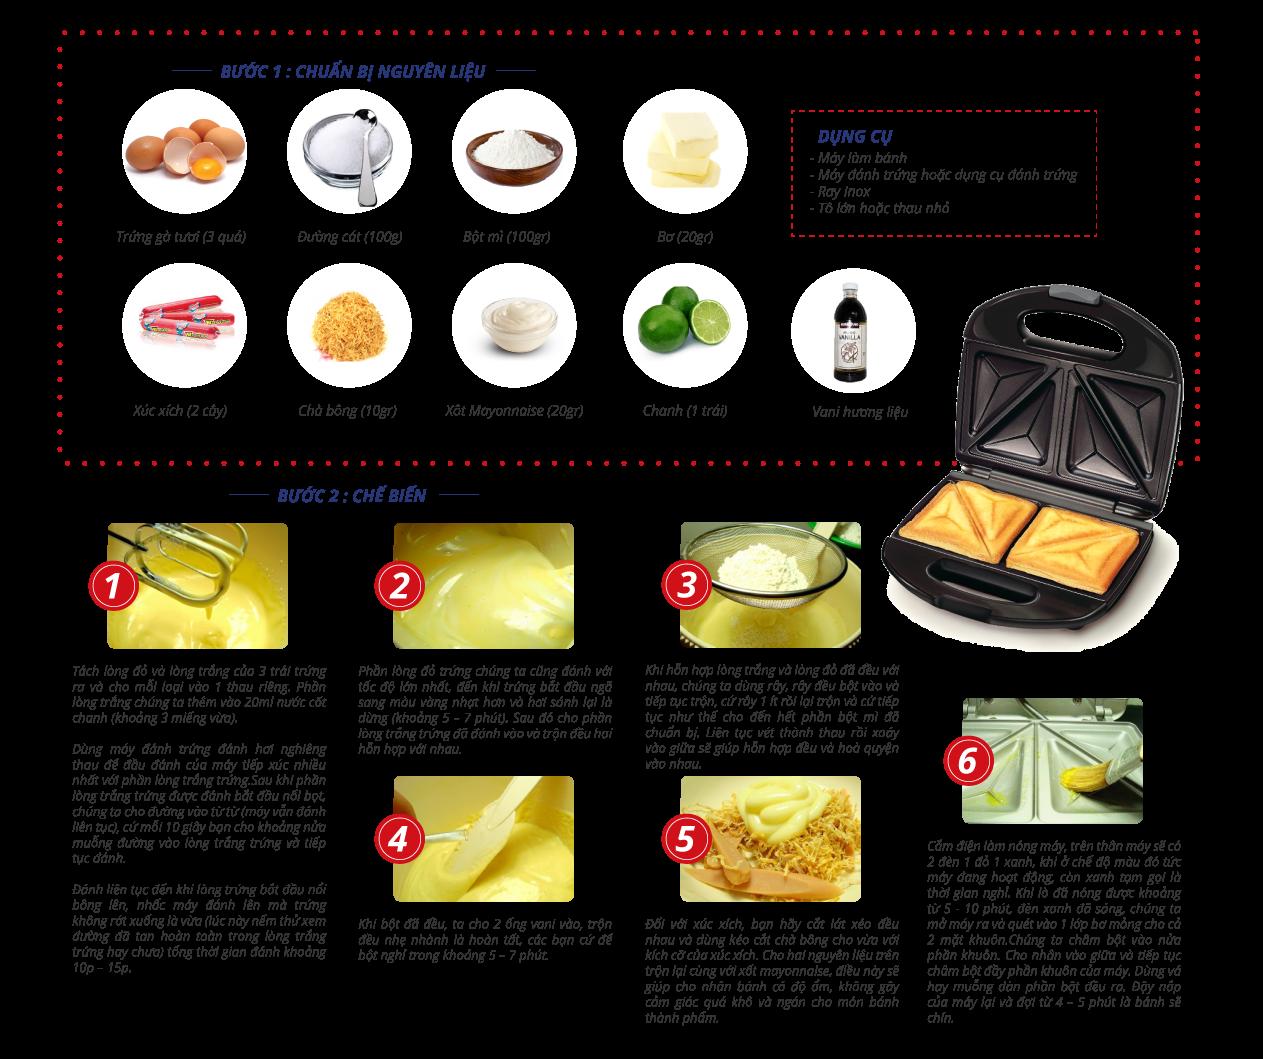 Cách làm bánh hot dog